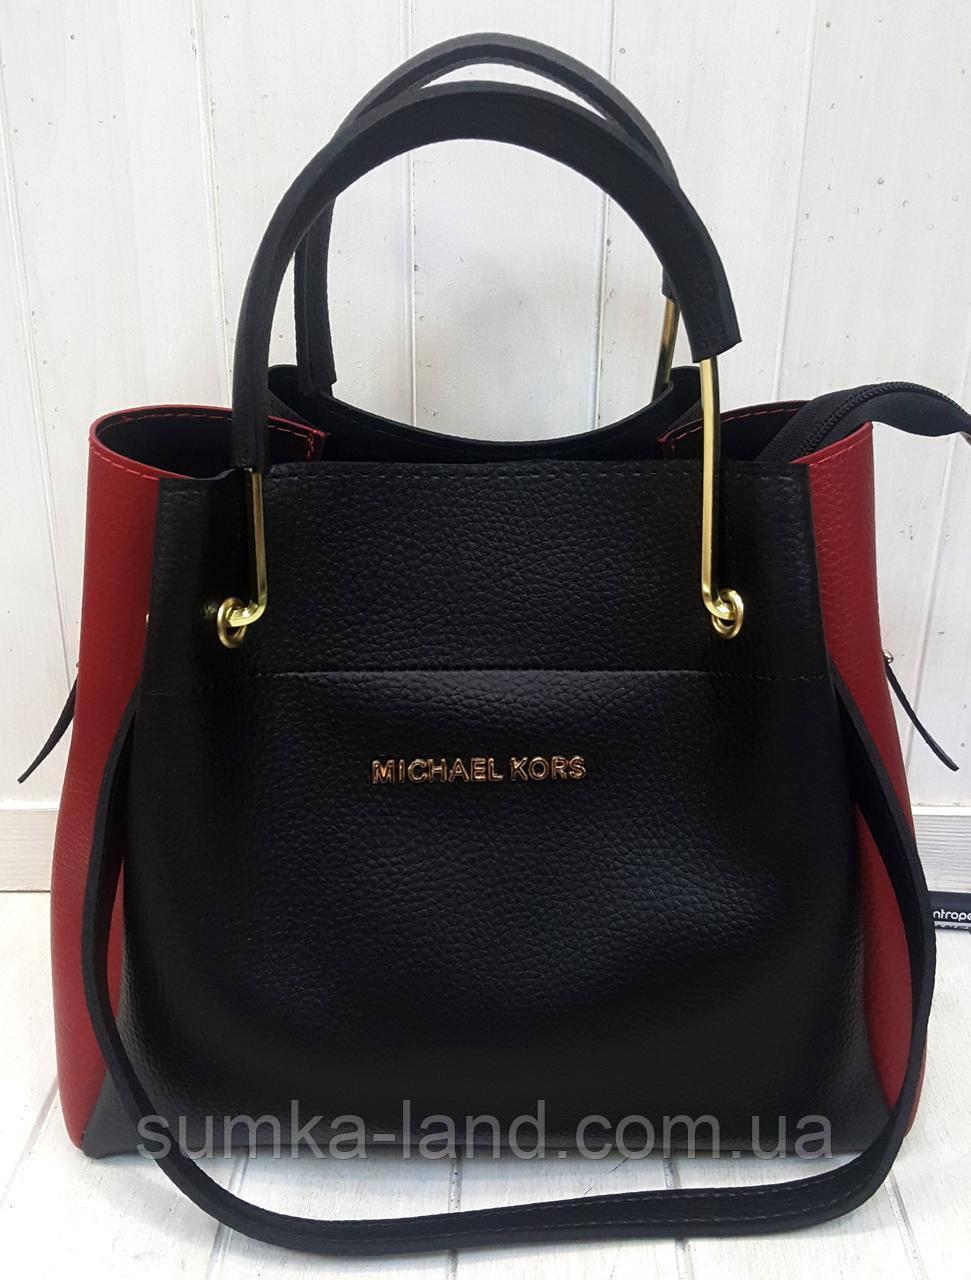 1ecc98e7ad7d Женская элитная сумка MK черная с красными боками 28*26 см, цена 356 ...